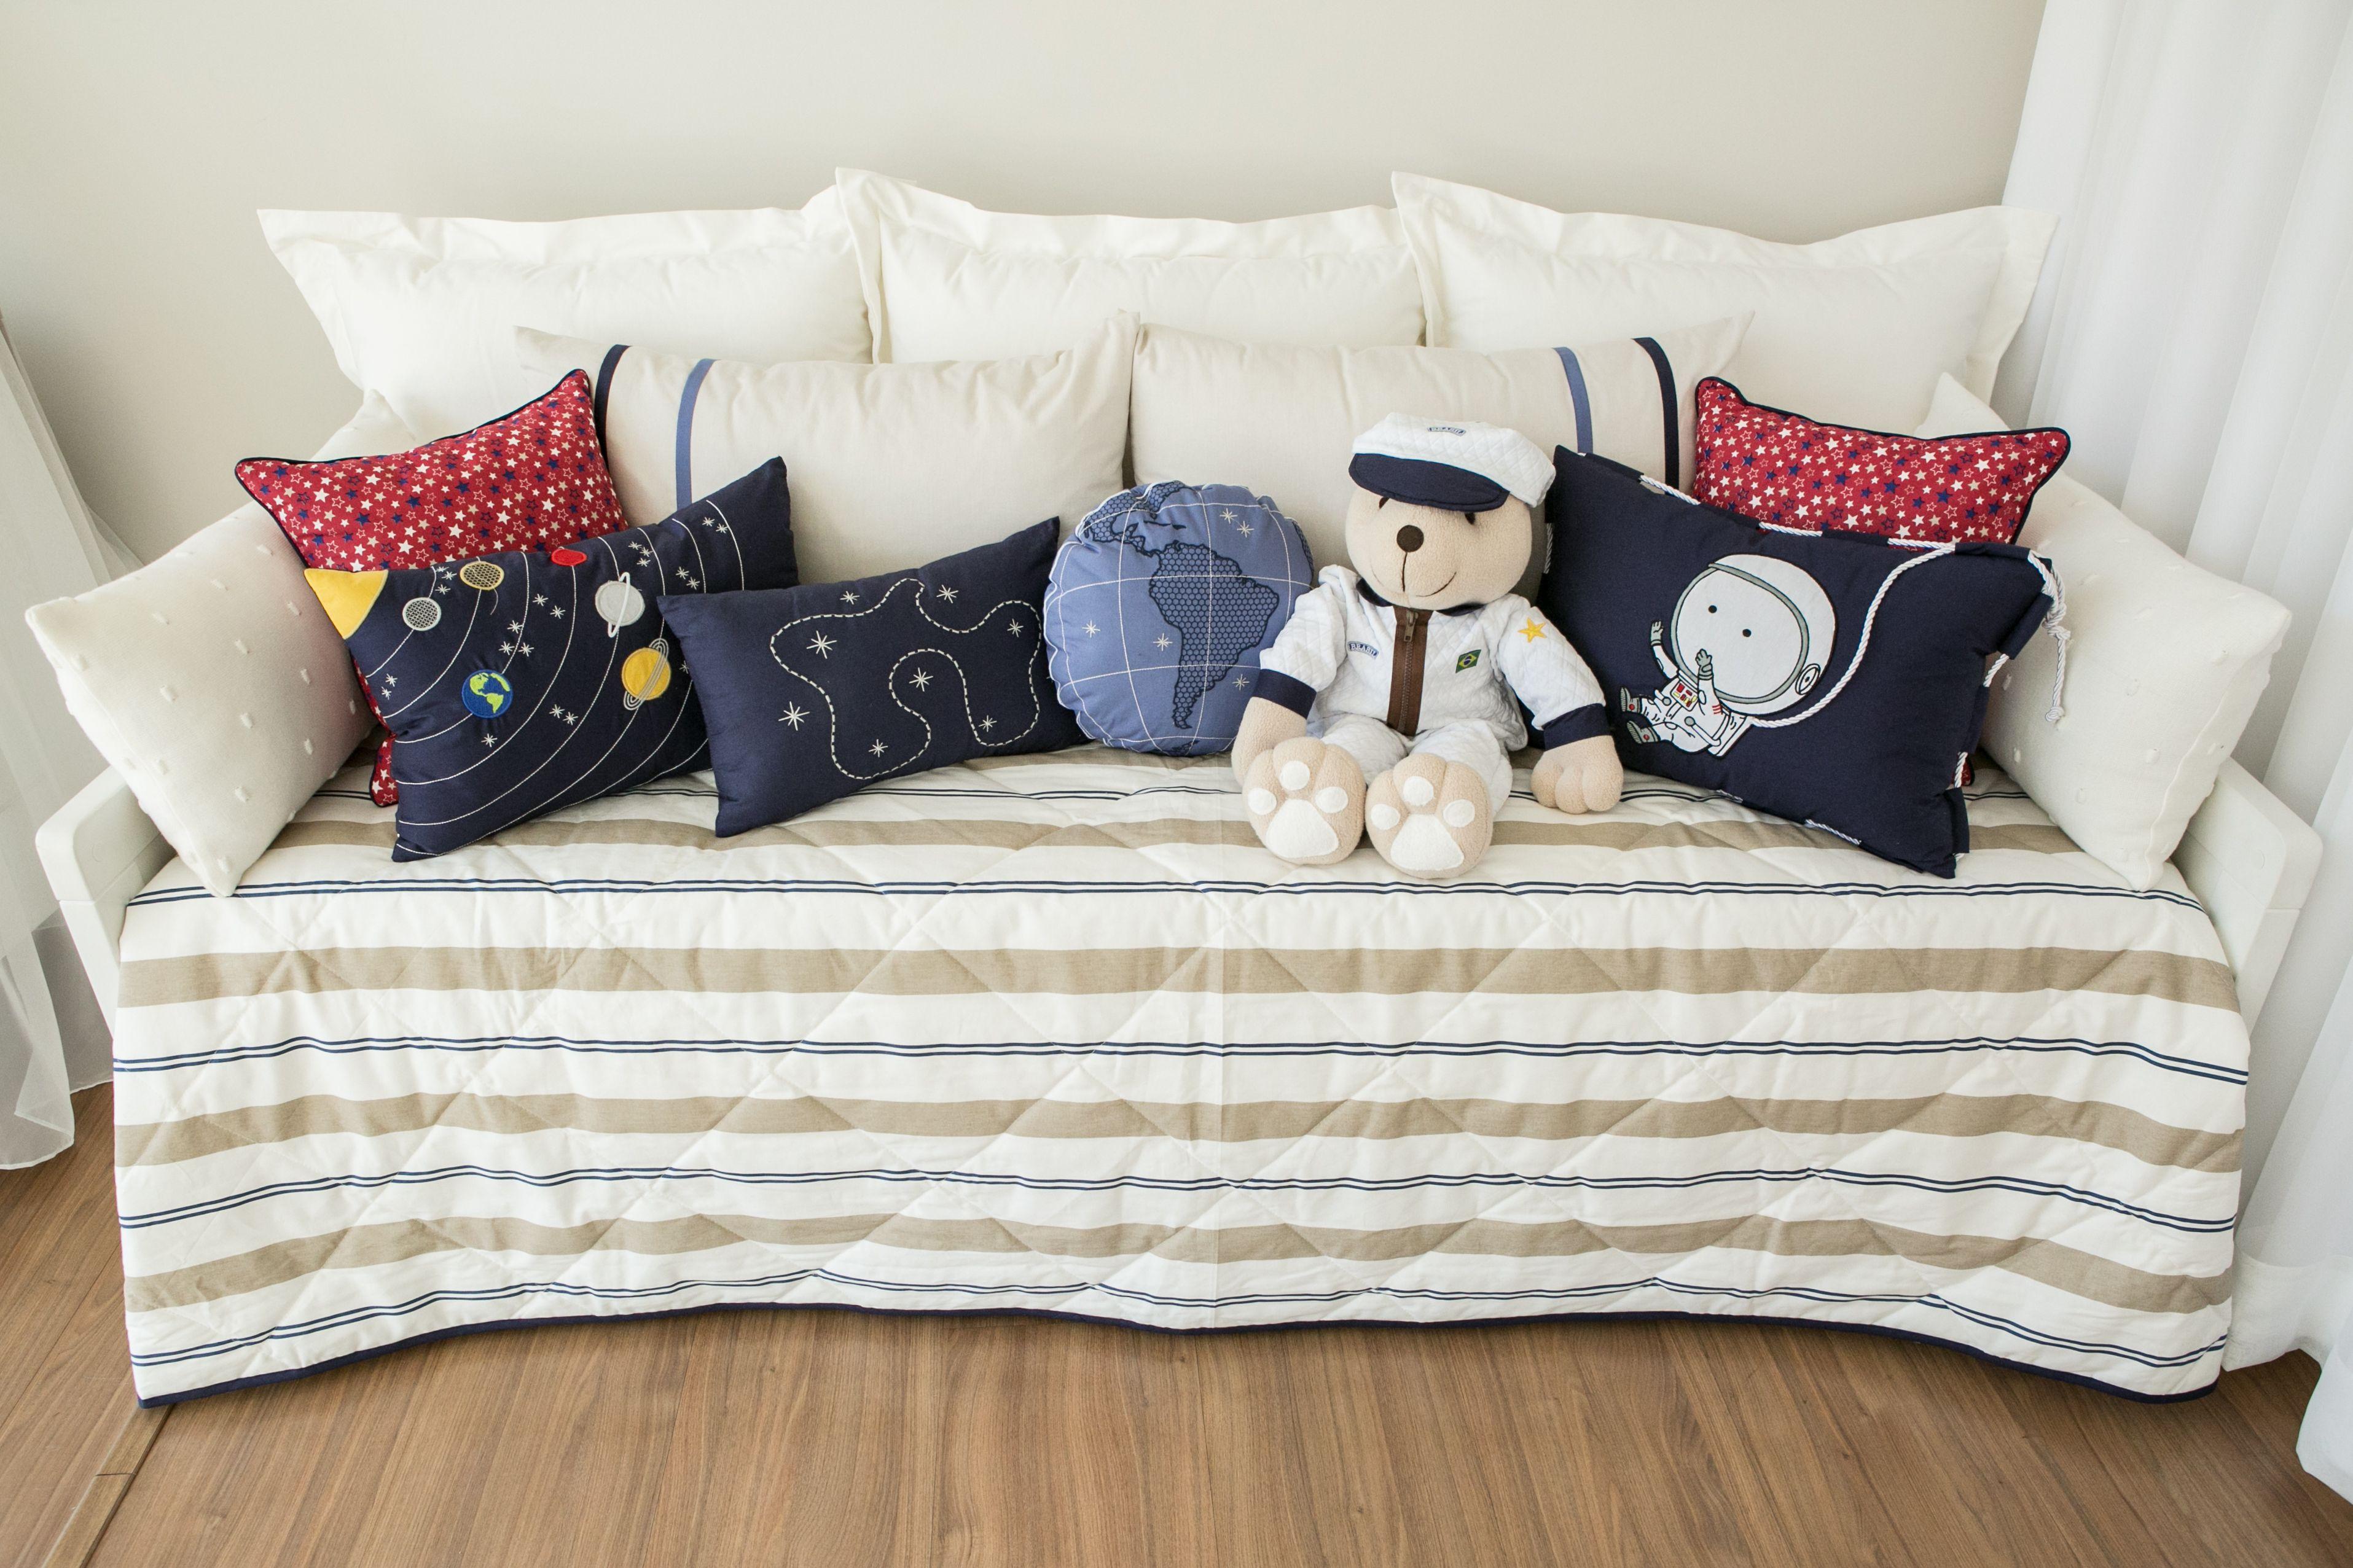 ccb7a66f24 O enxoval de cama mais as almofadas decorativas da Coleção Interestelar  remetem o espaço